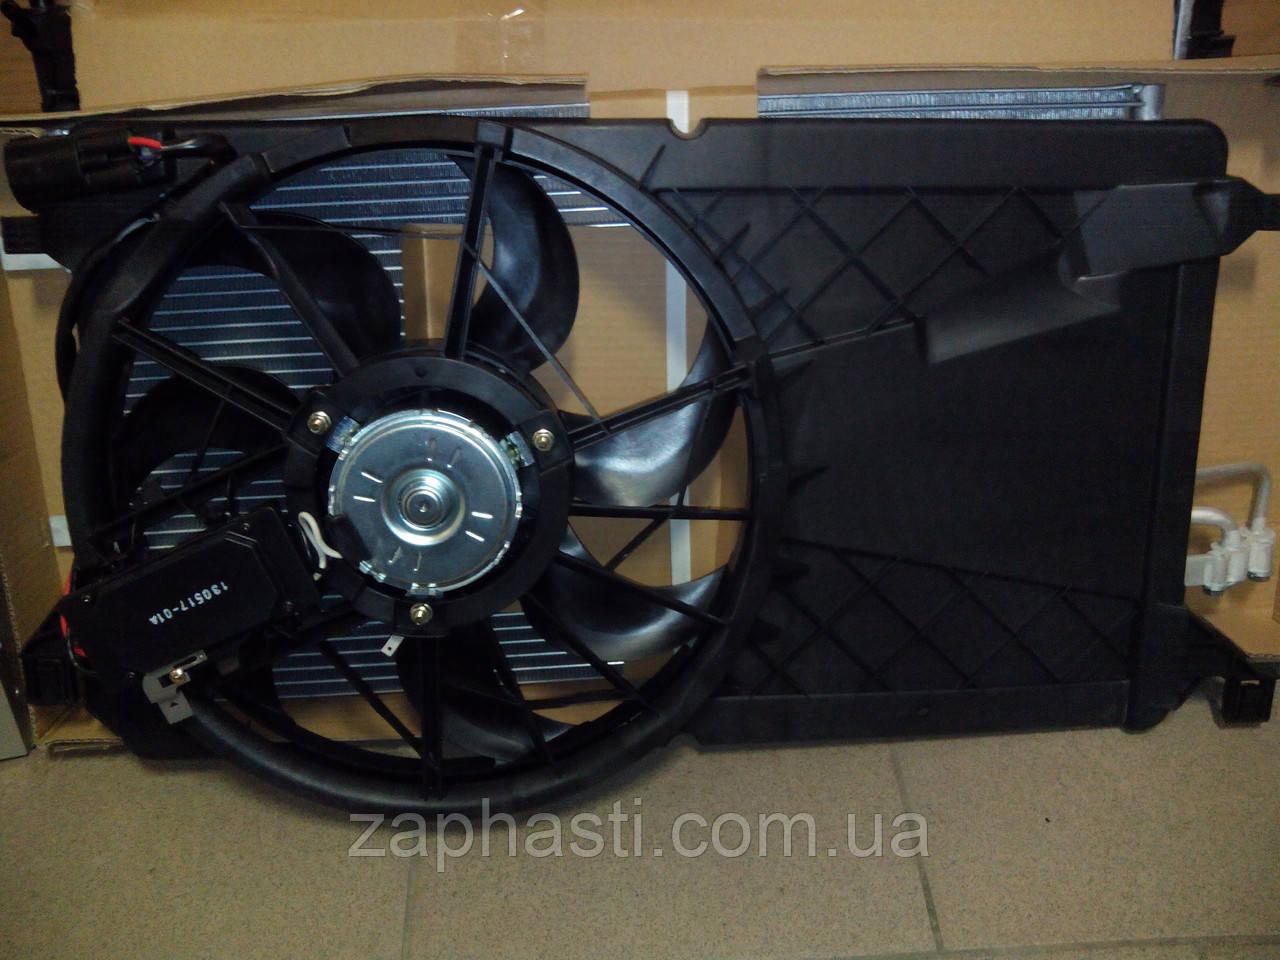 вентилятор охлаждения форд фокус 2